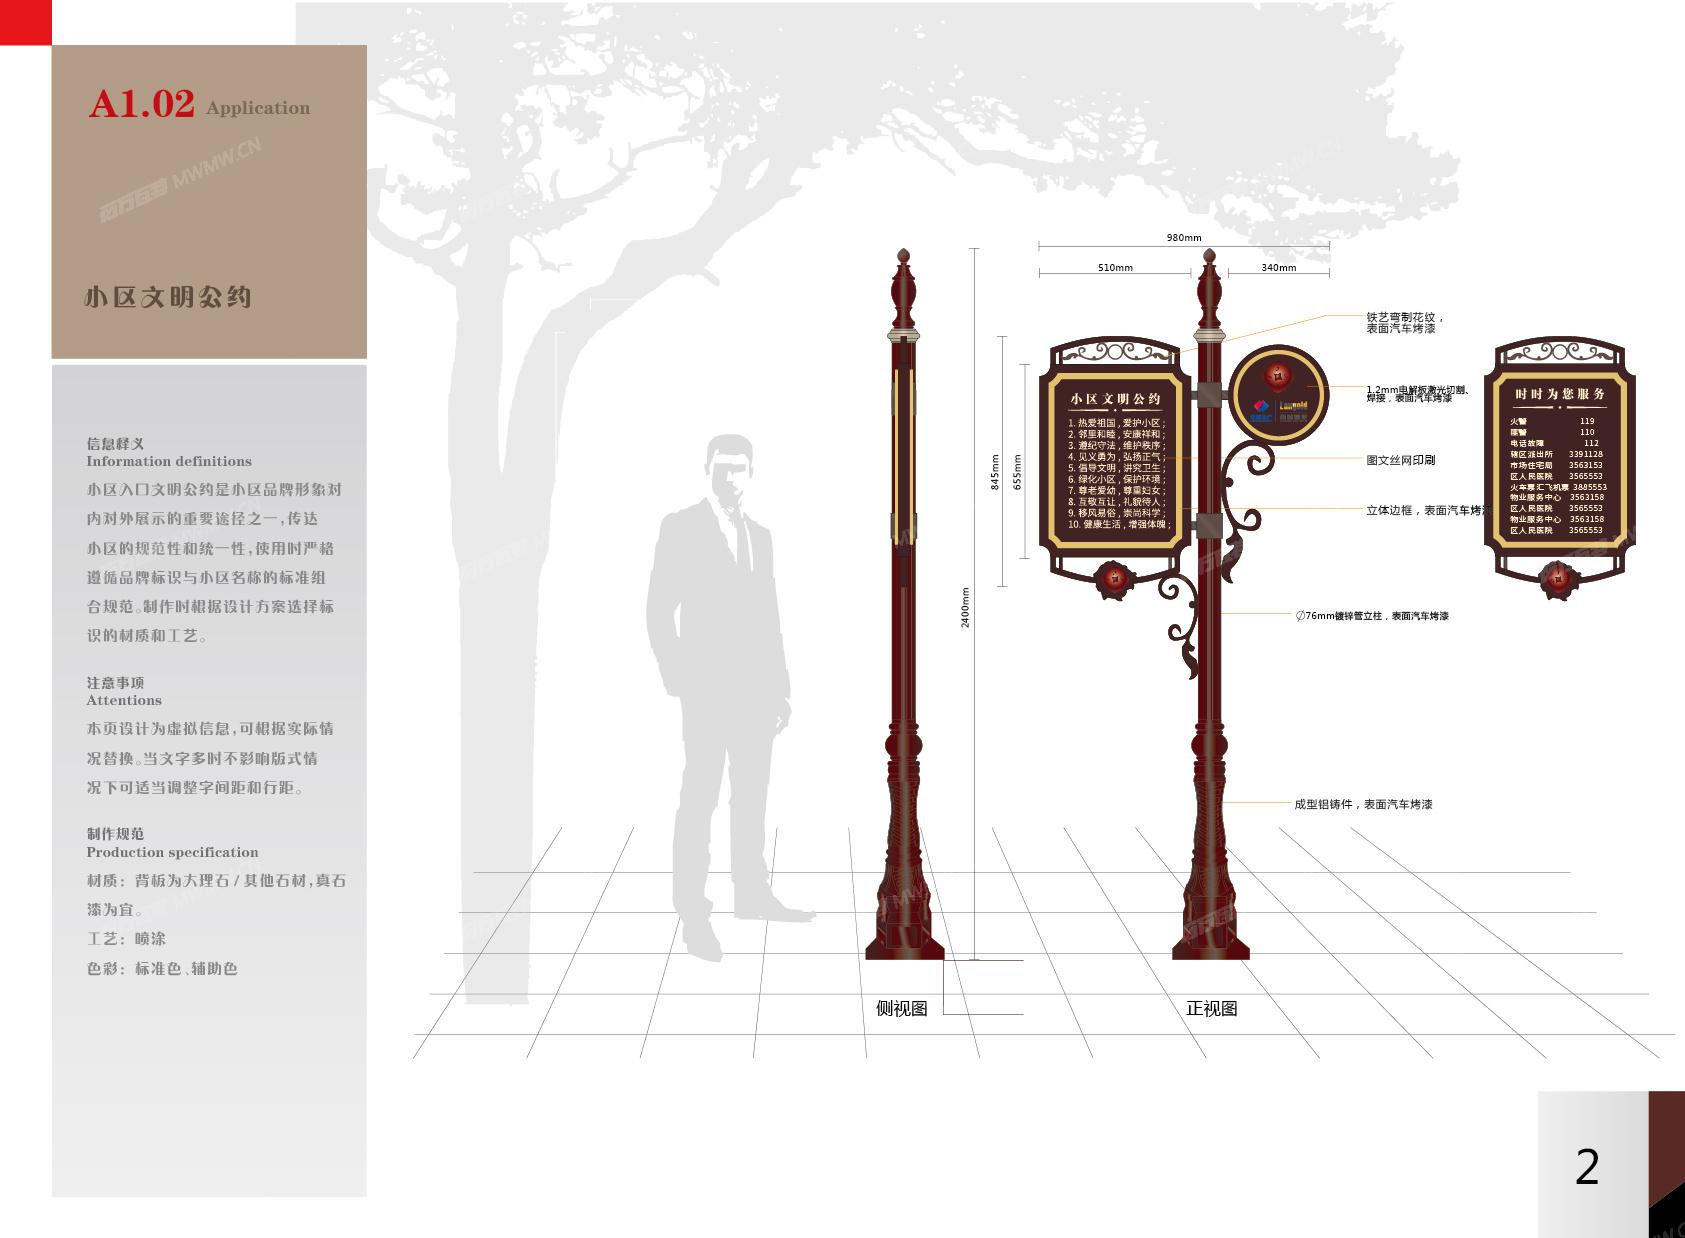 泷悦华府环境导视系统设计方案3.0cs520180112-08.jpg